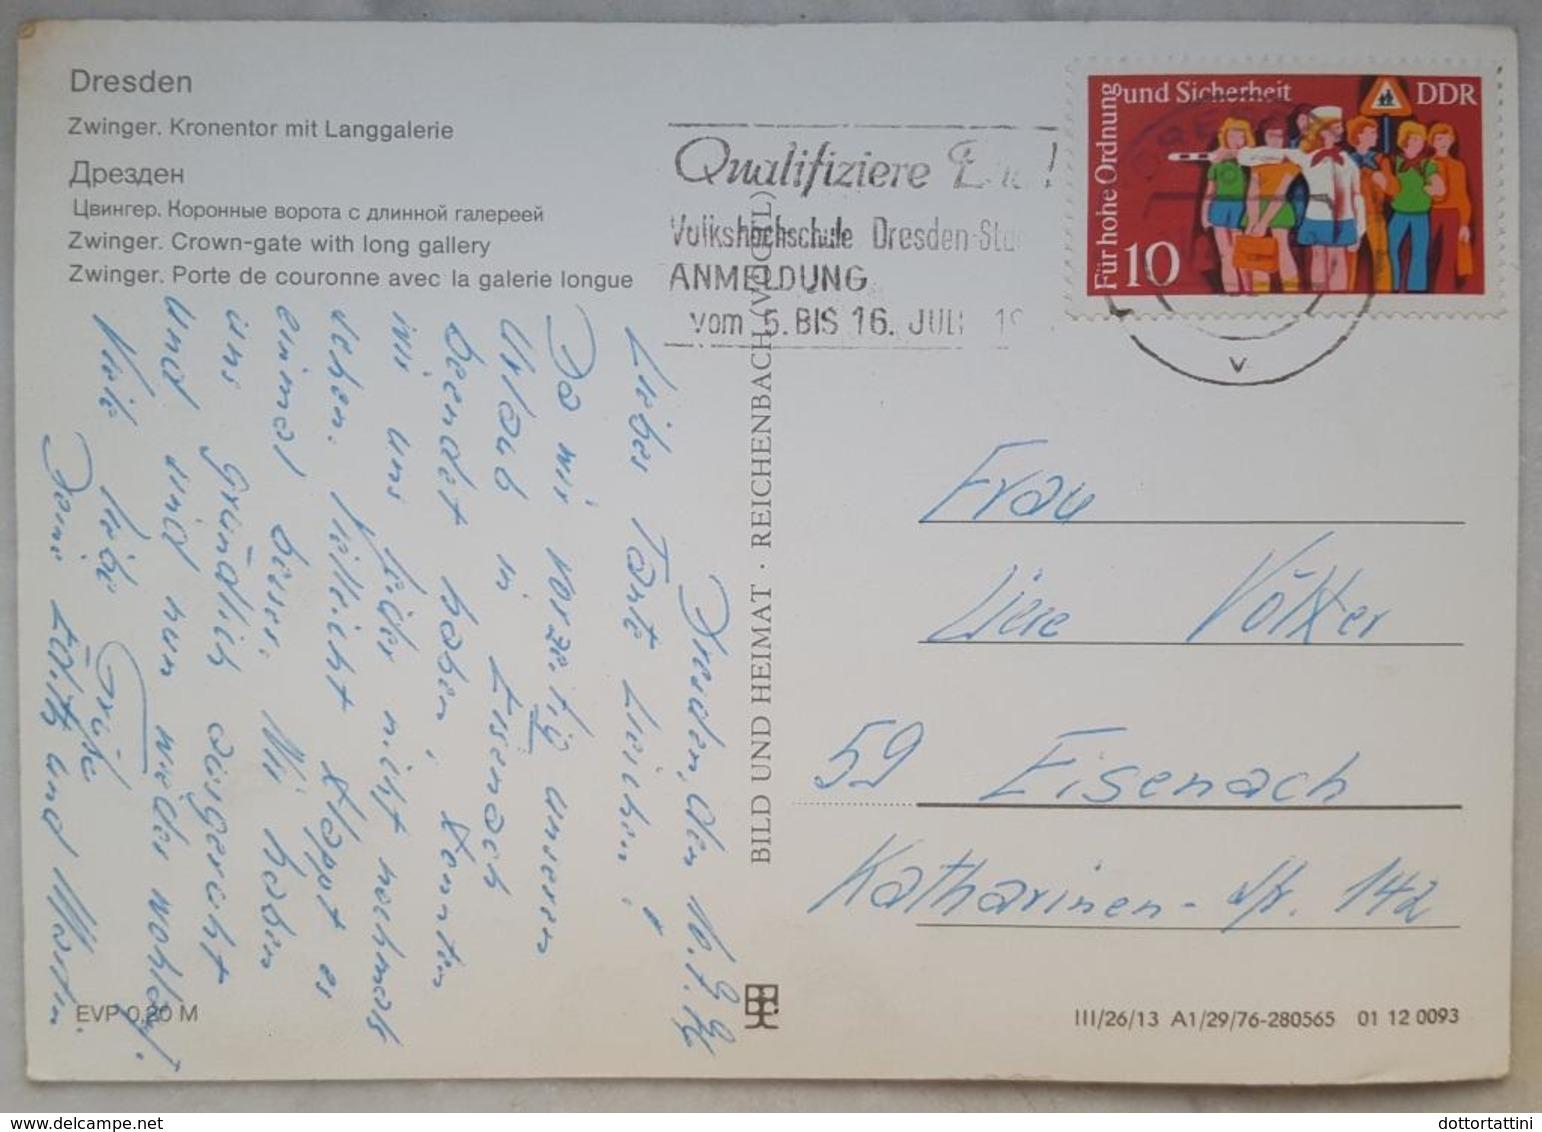 DRESDEN - Zwinger. Kronentor Mit Langgalerie - DDR - Vg G2 Stamp - Dresden